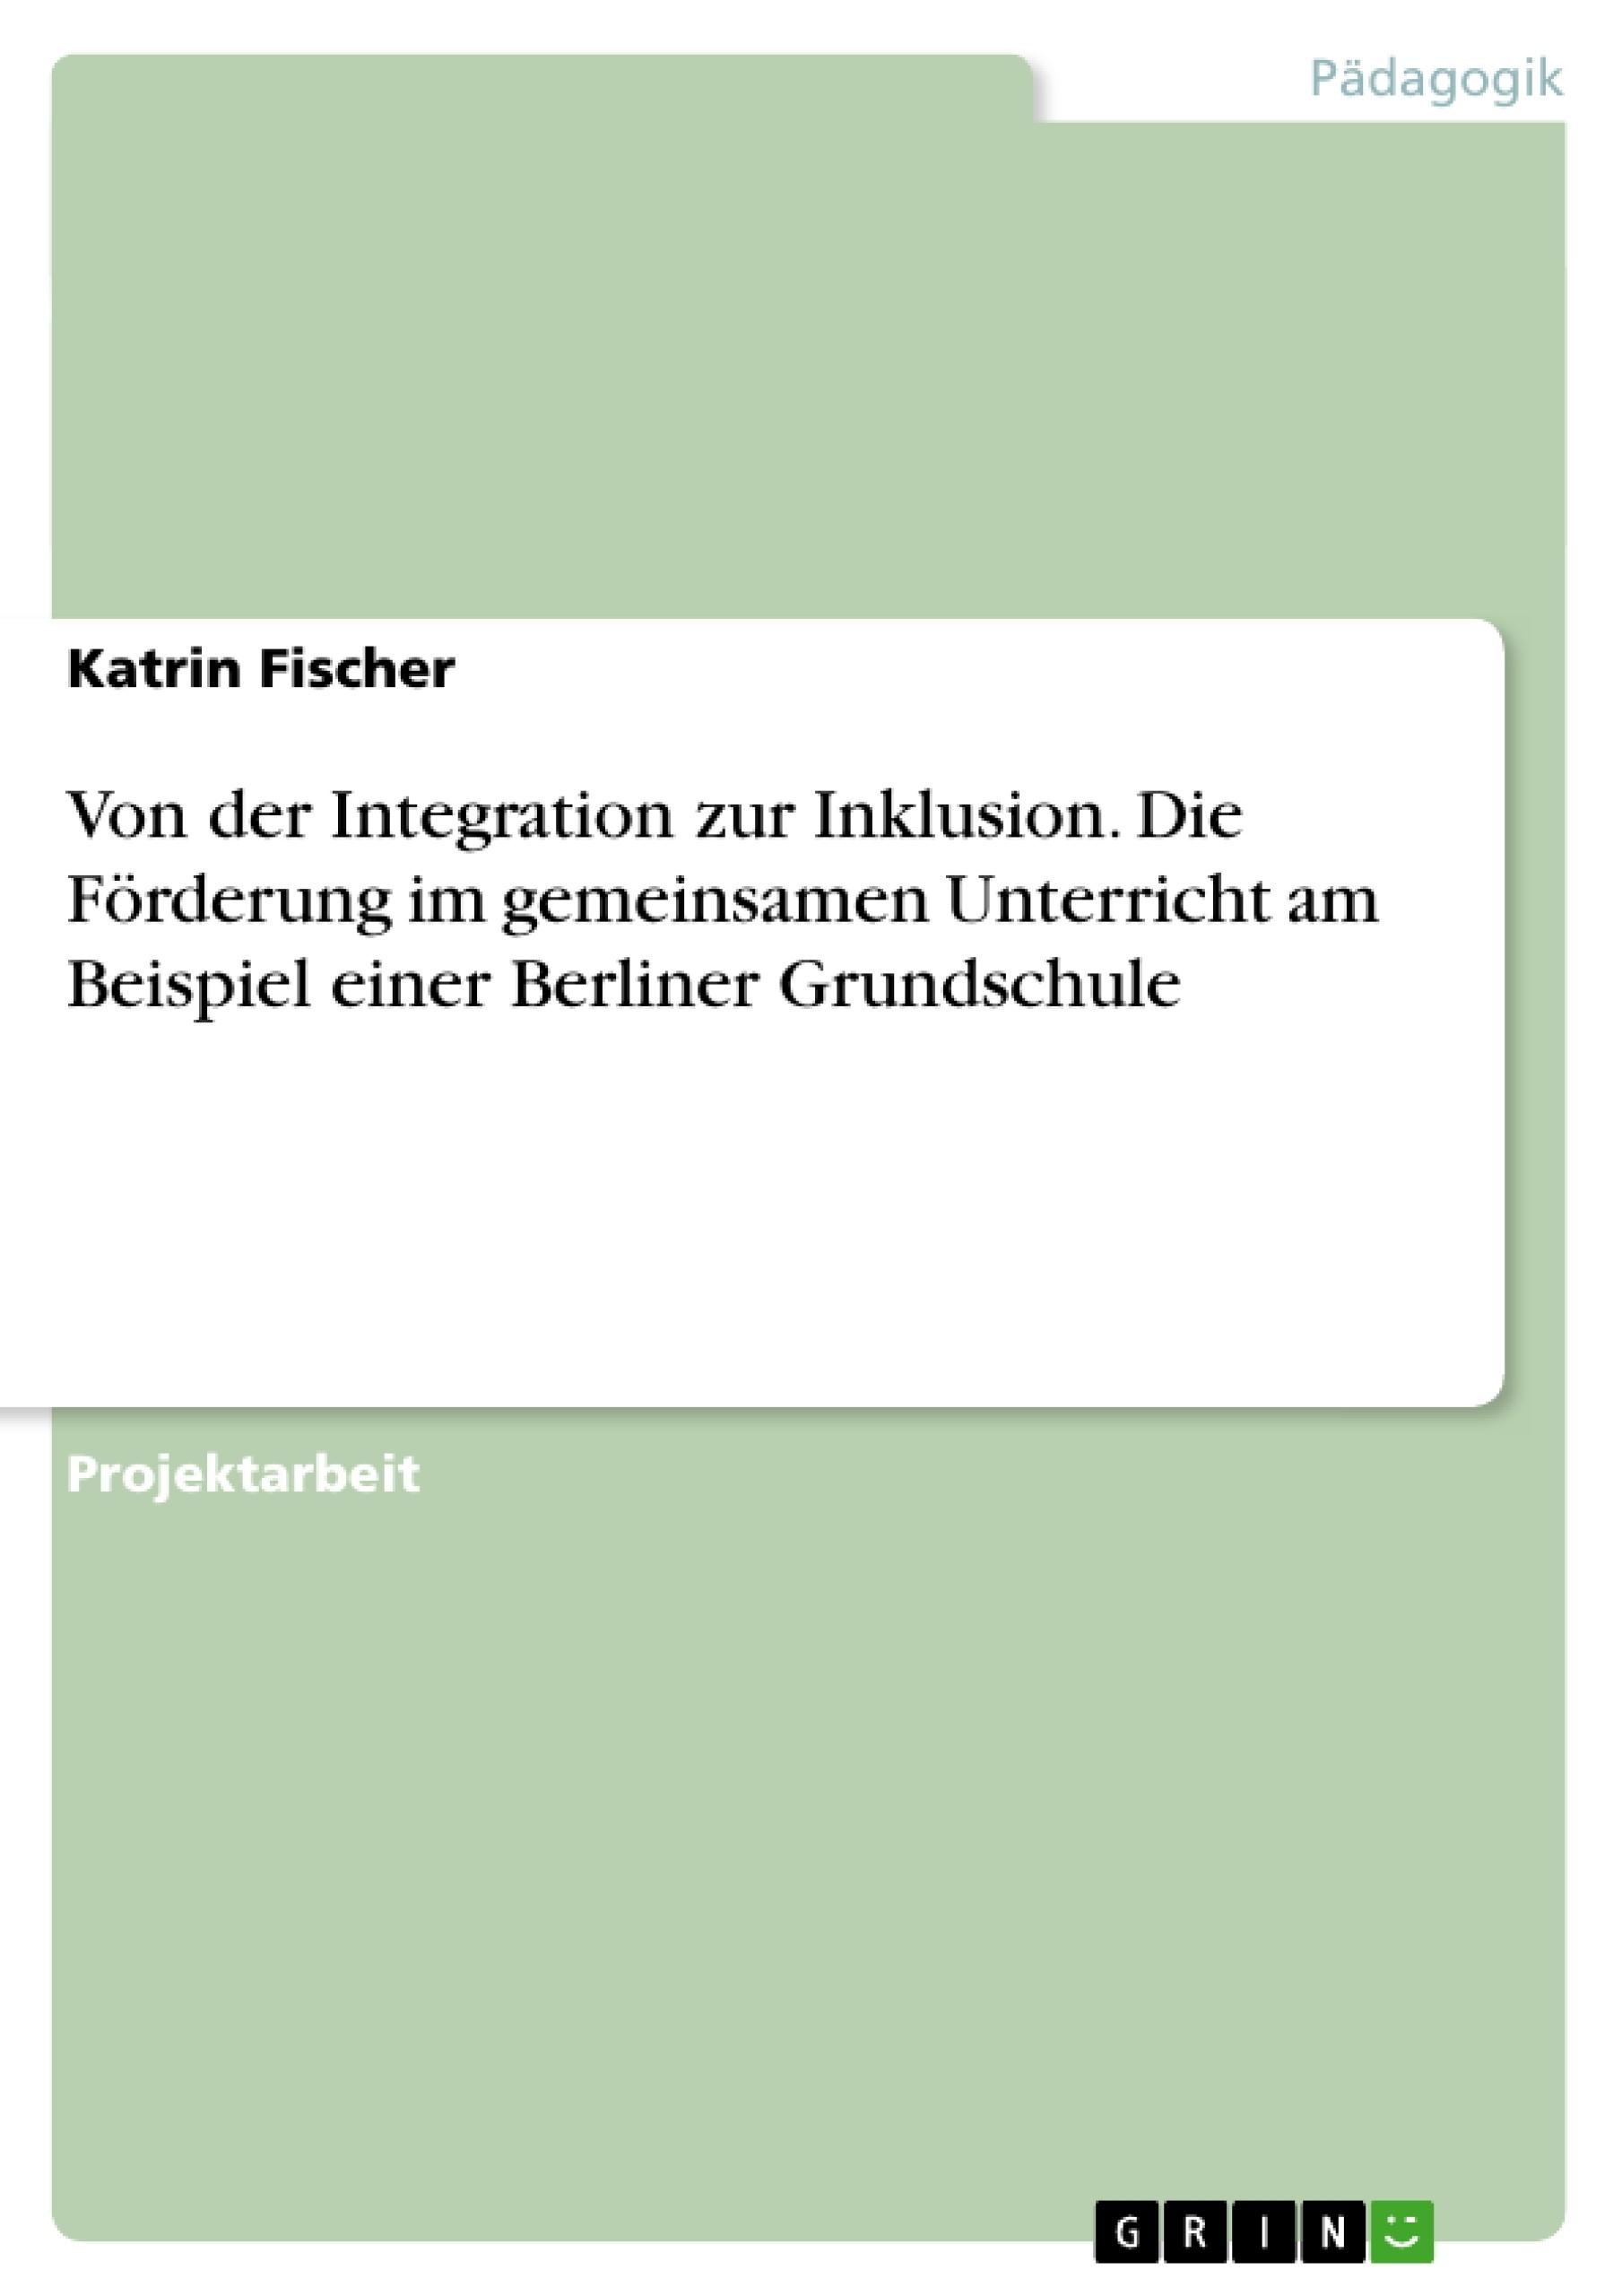 Titel: Von der Integration zur Inklusion. Die Förderung im gemeinsamen Unterricht am Beispiel einer Berliner Grundschule